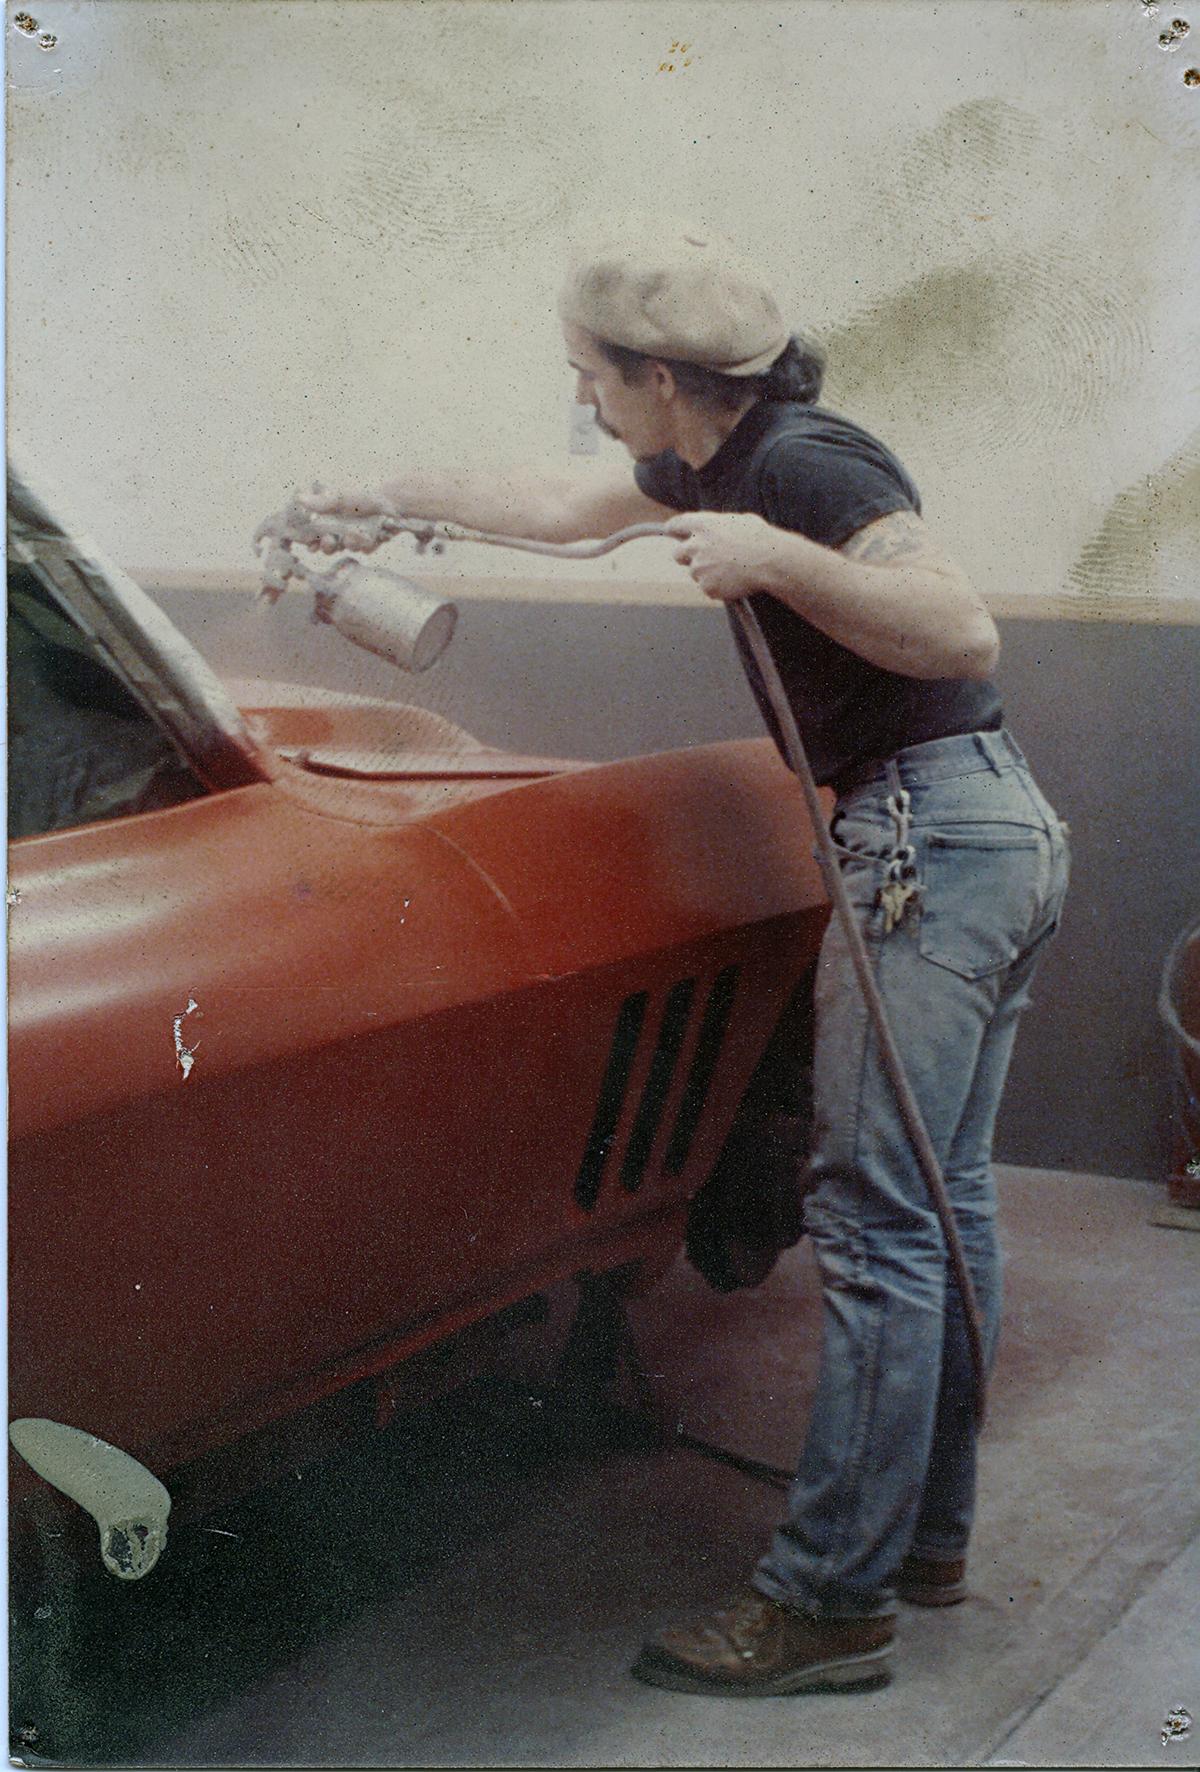 Gary Painting